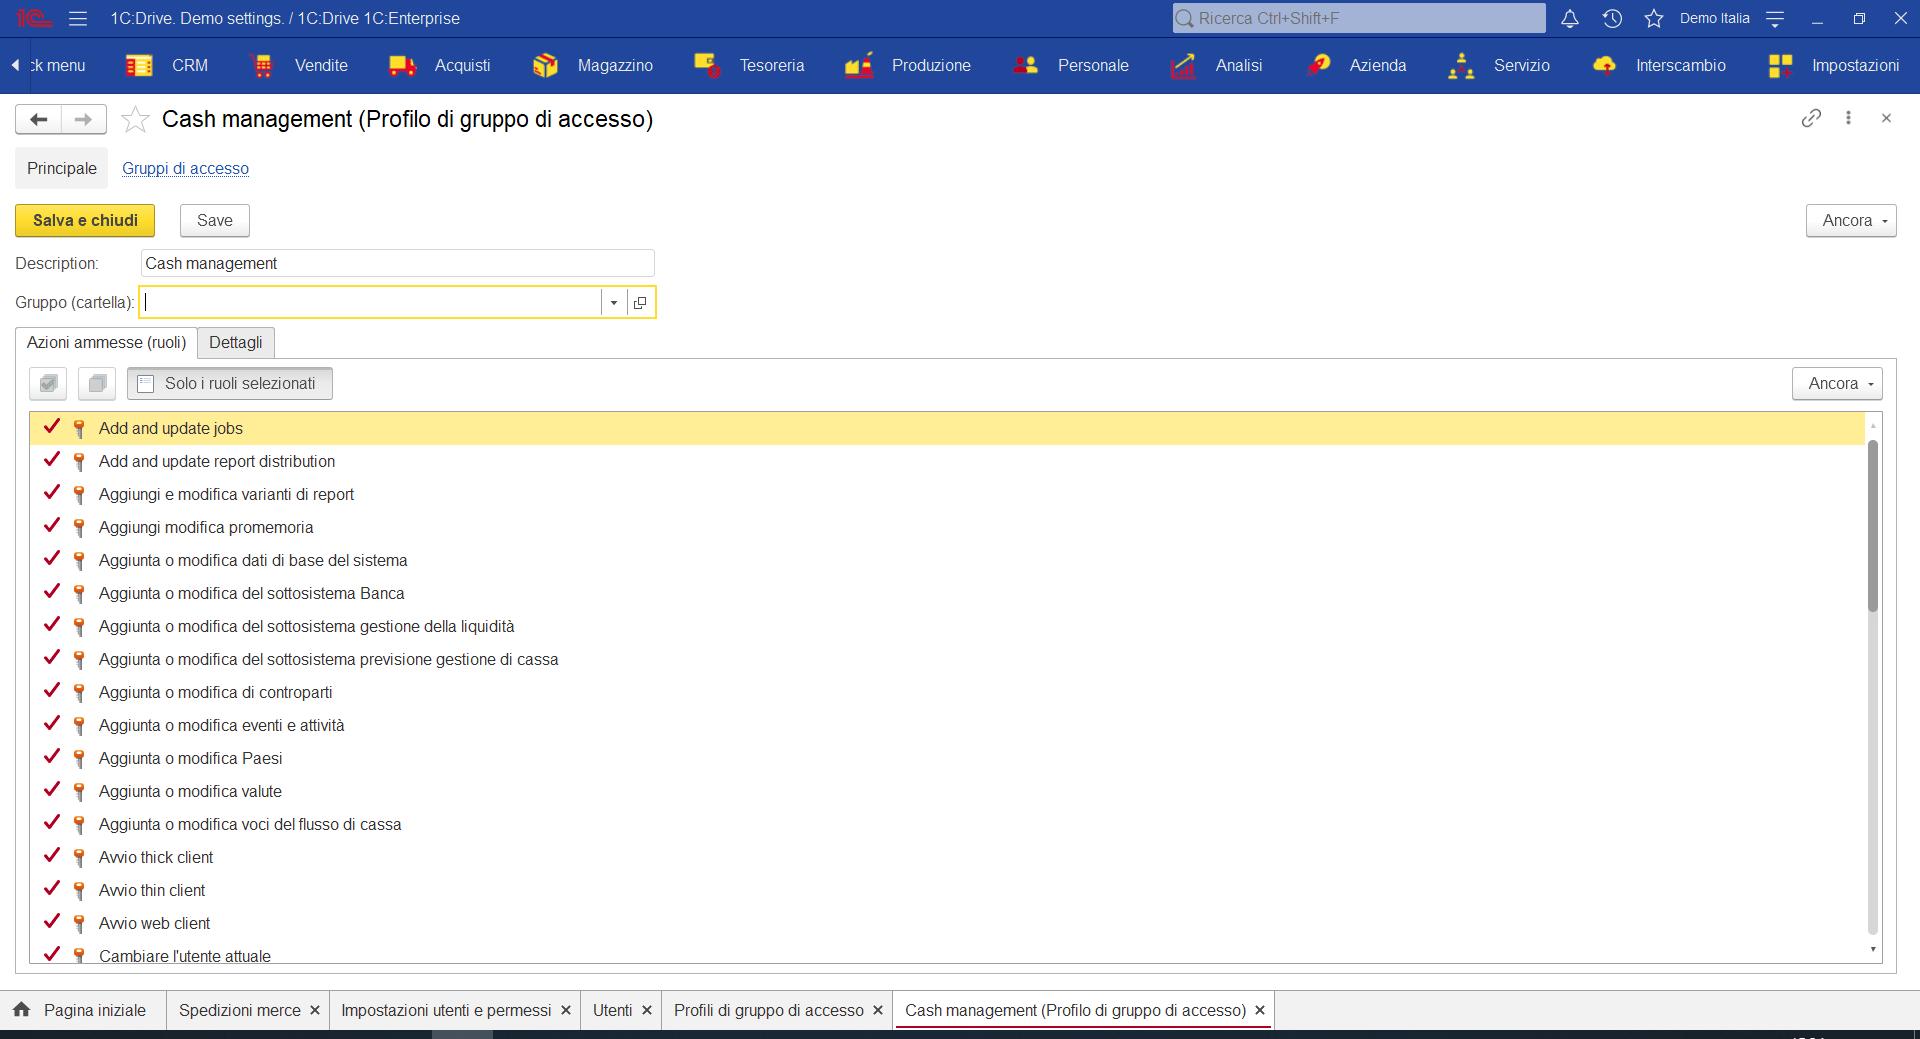 Profili di accesso